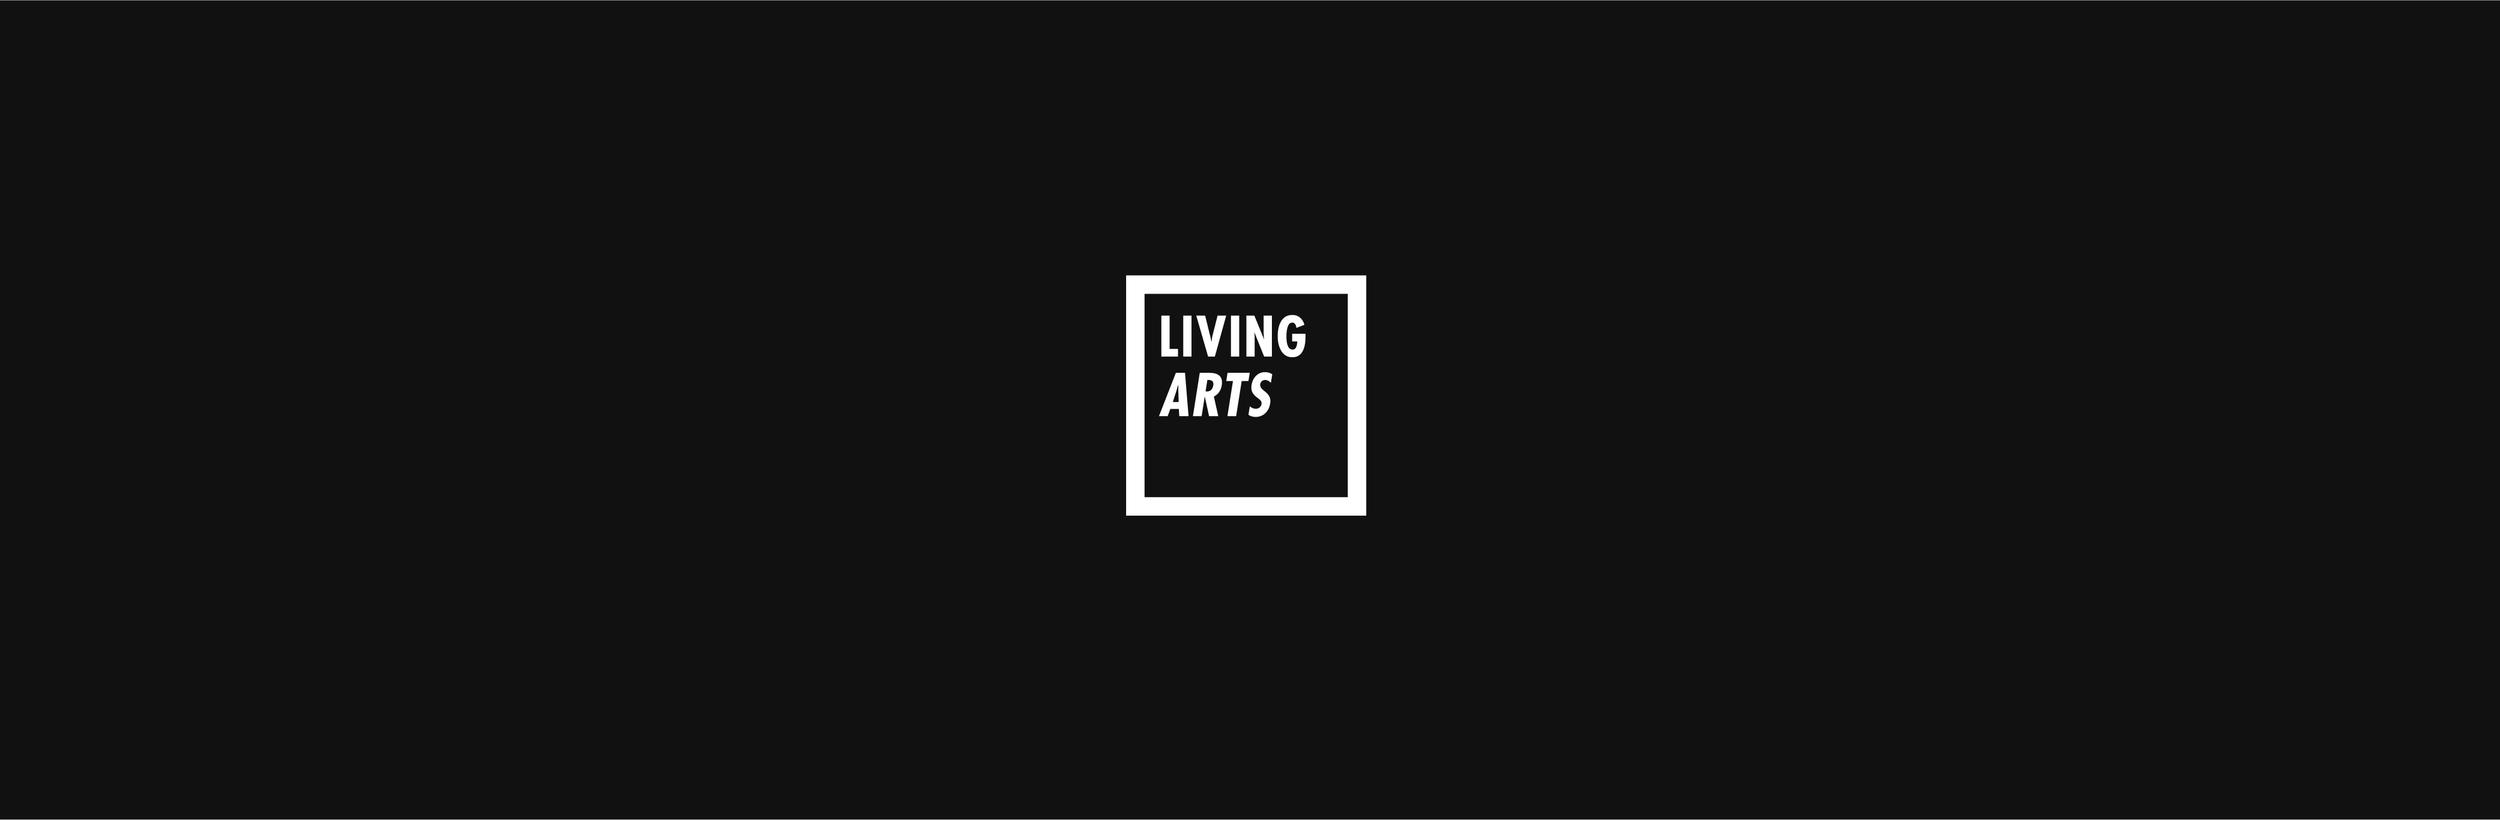 062519_Living Arts-05.png